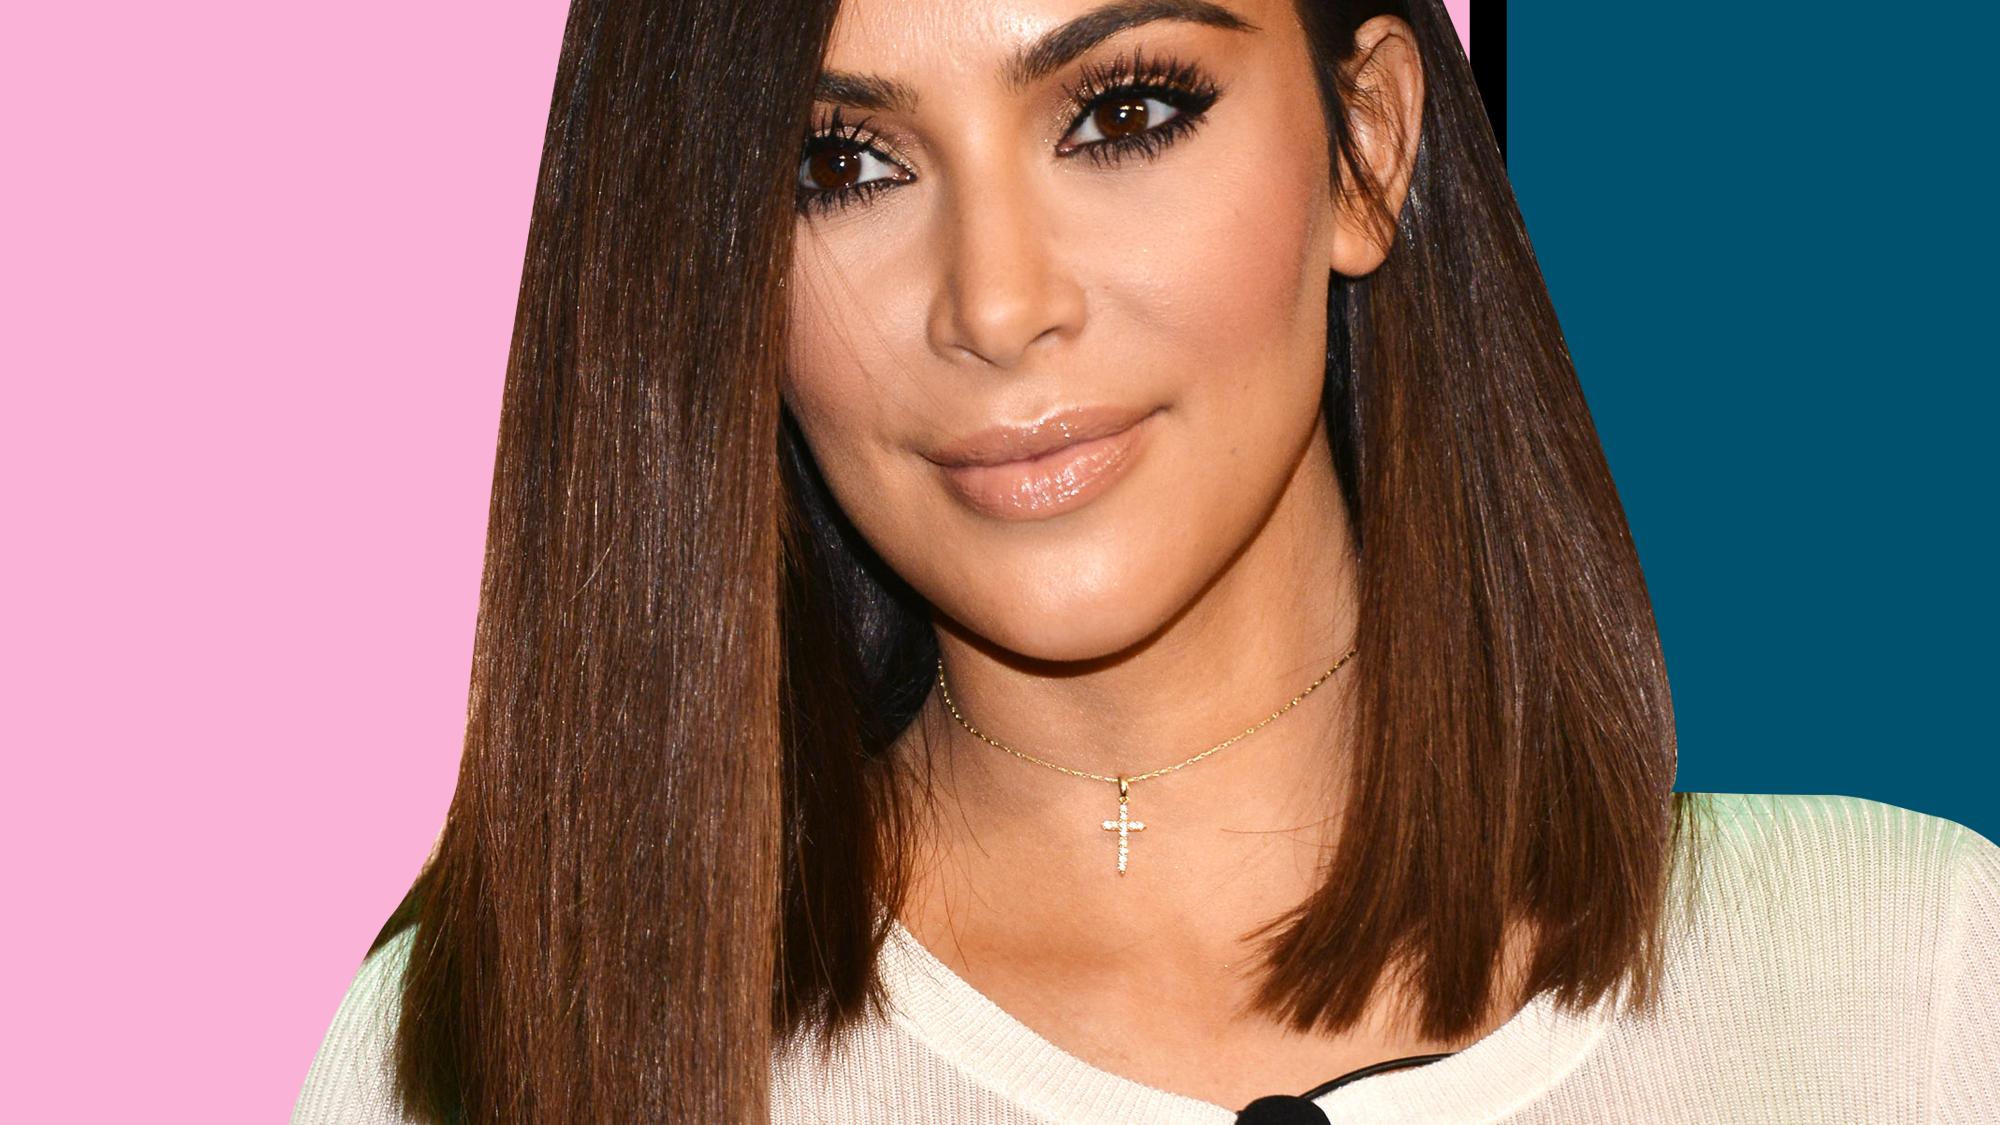 Kim Kardashian Hair Same Wigs Shay Mitchell Photos